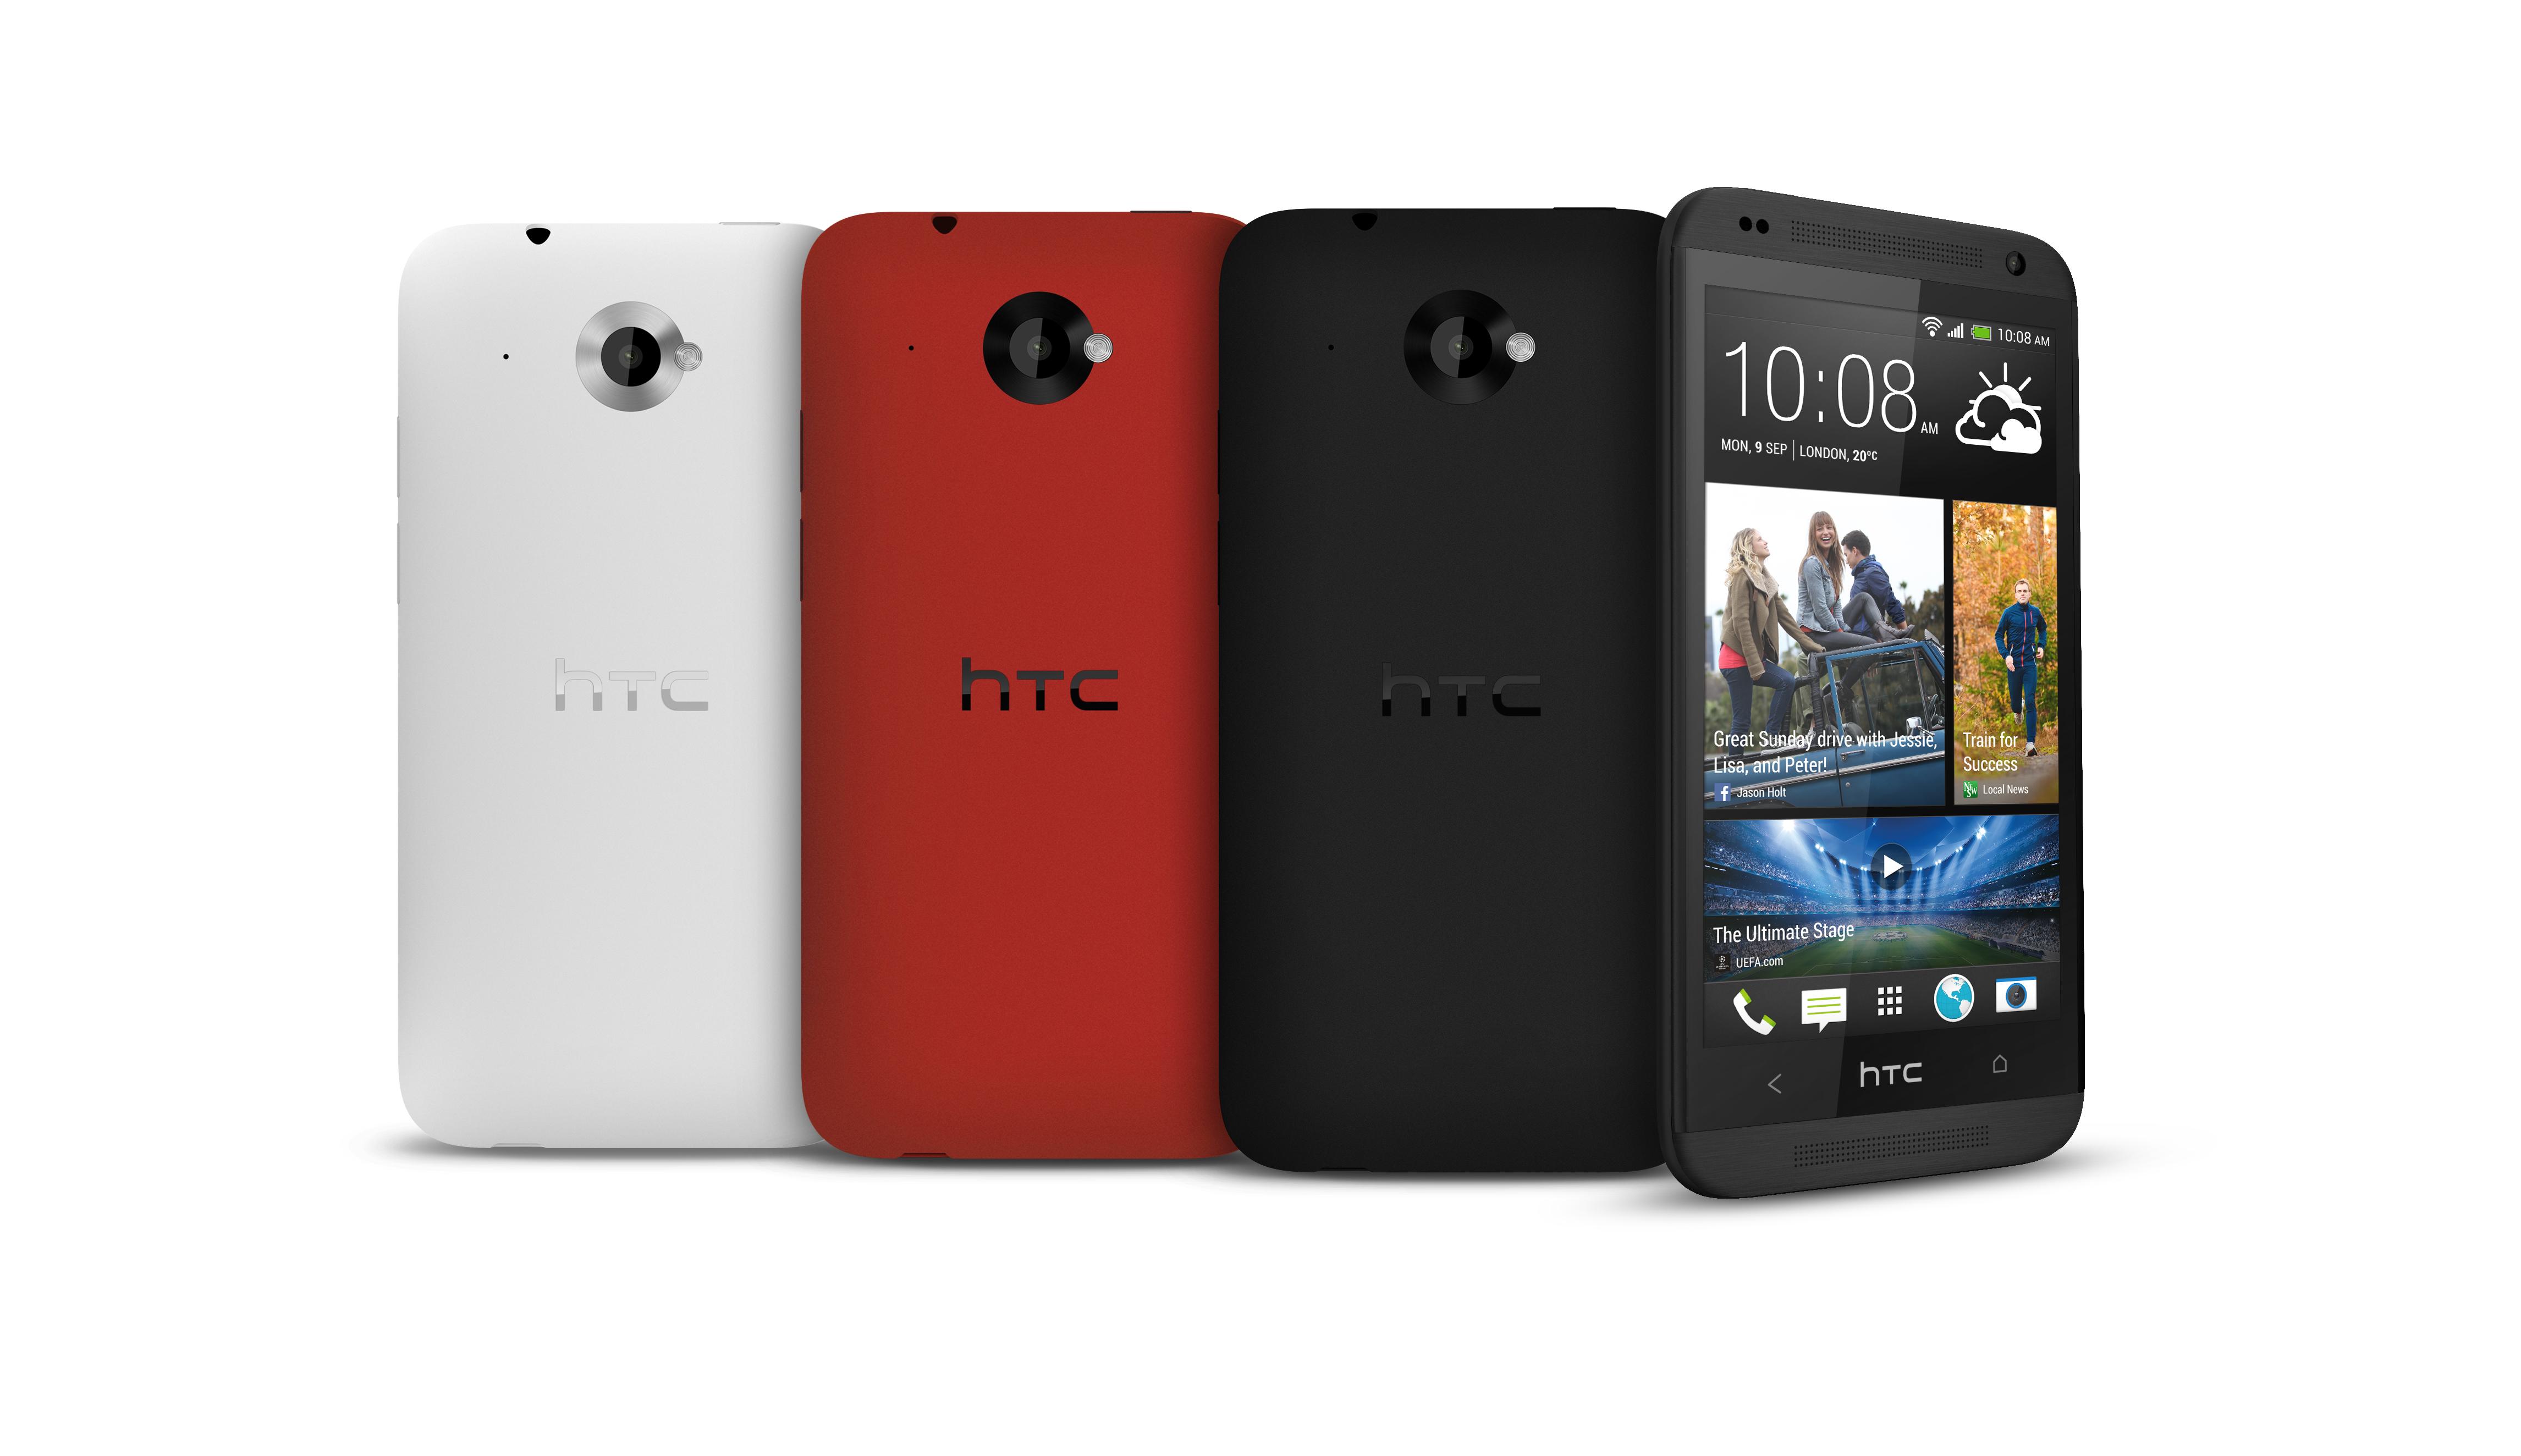 Le HTC Desire 601 (Zara) est officiel !